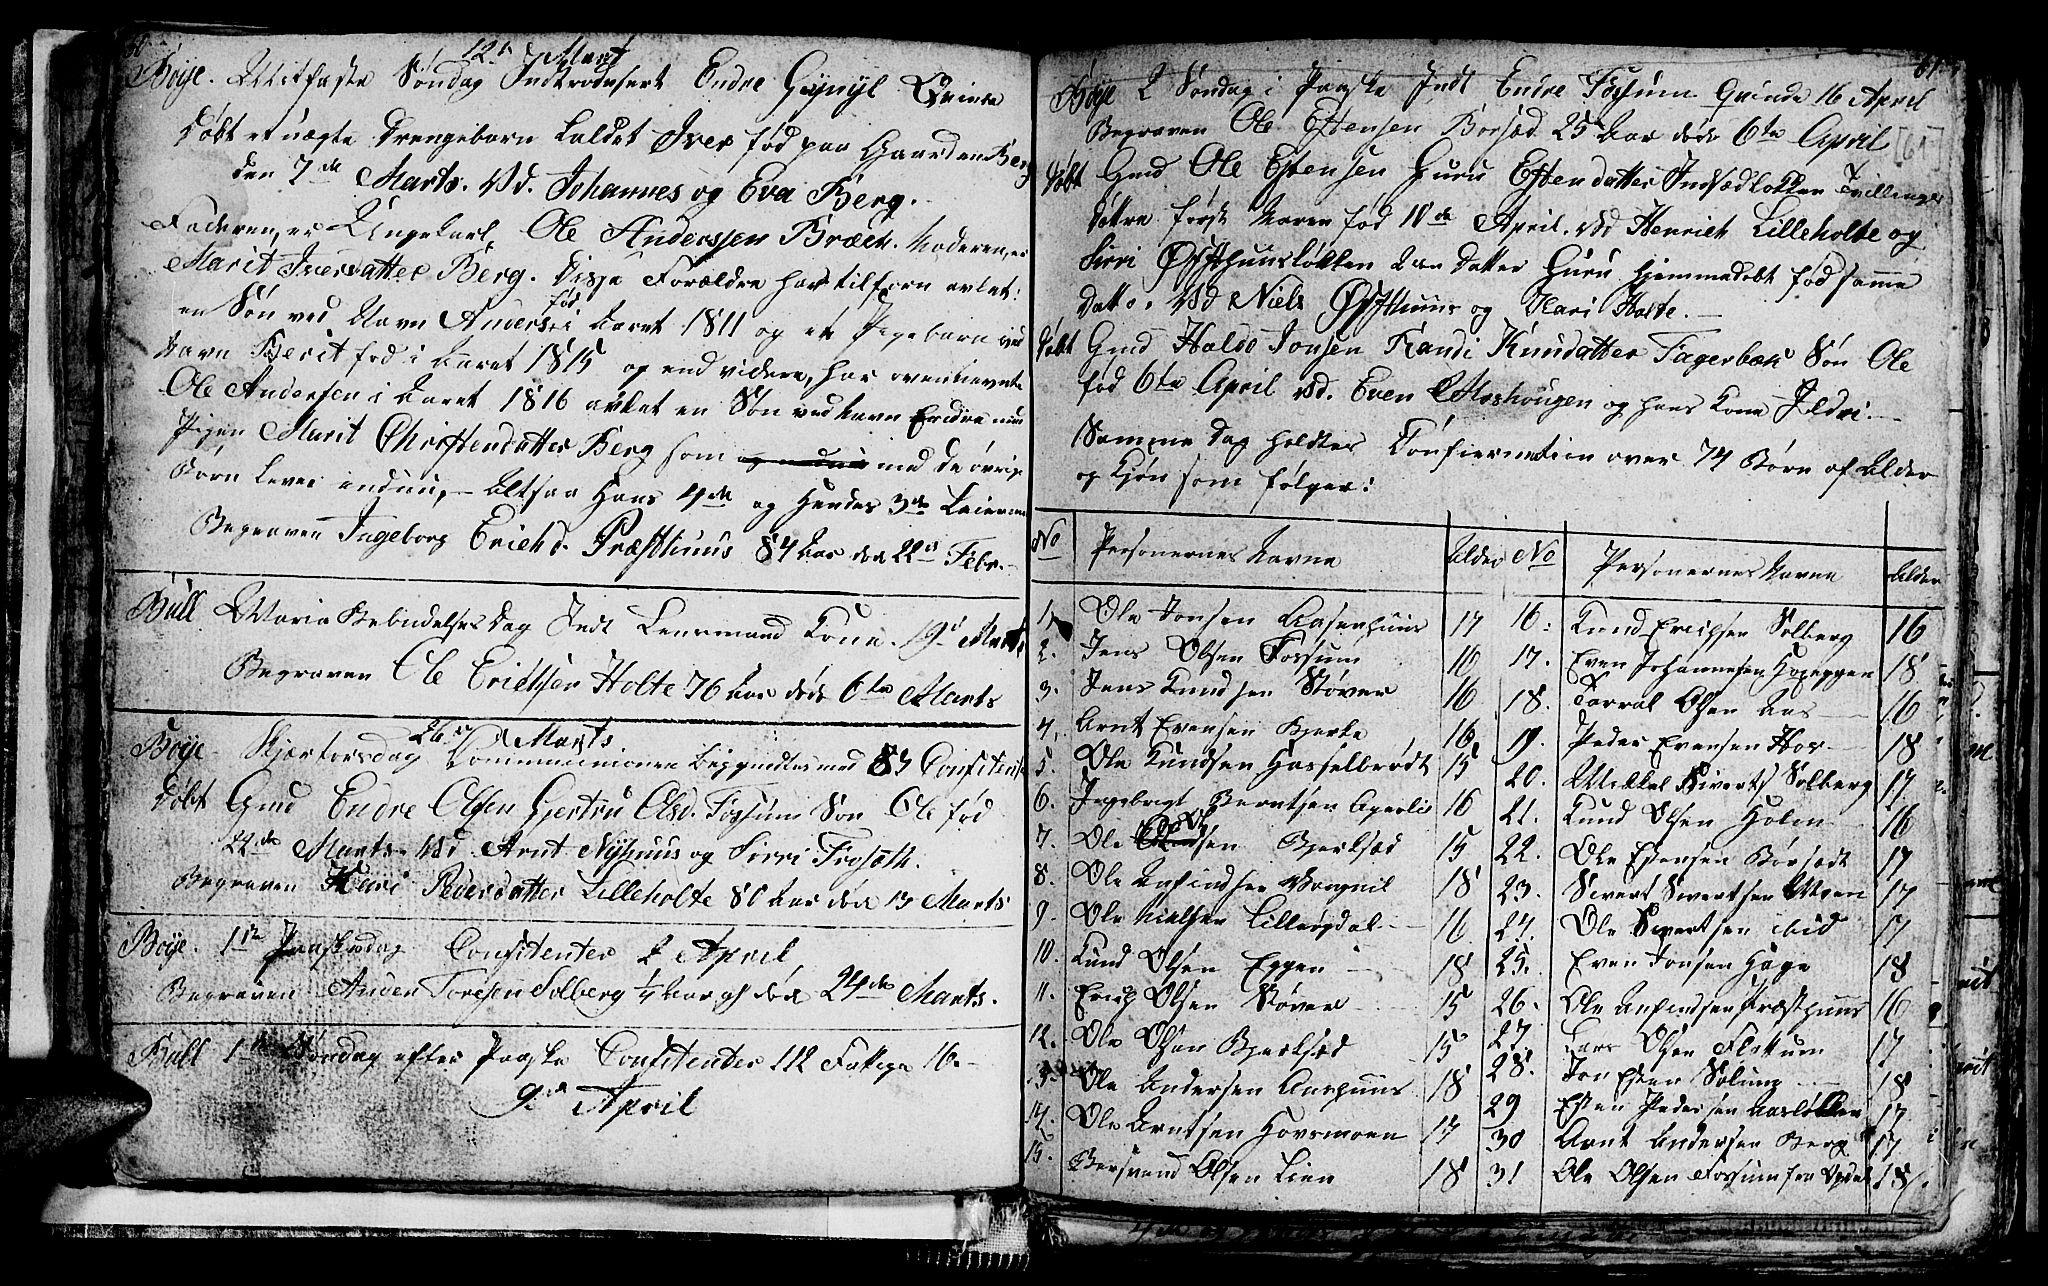 SAT, Ministerialprotokoller, klokkerbøker og fødselsregistre - Sør-Trøndelag, 689/L1042: Klokkerbok nr. 689C01, 1812-1841, s. 60-61